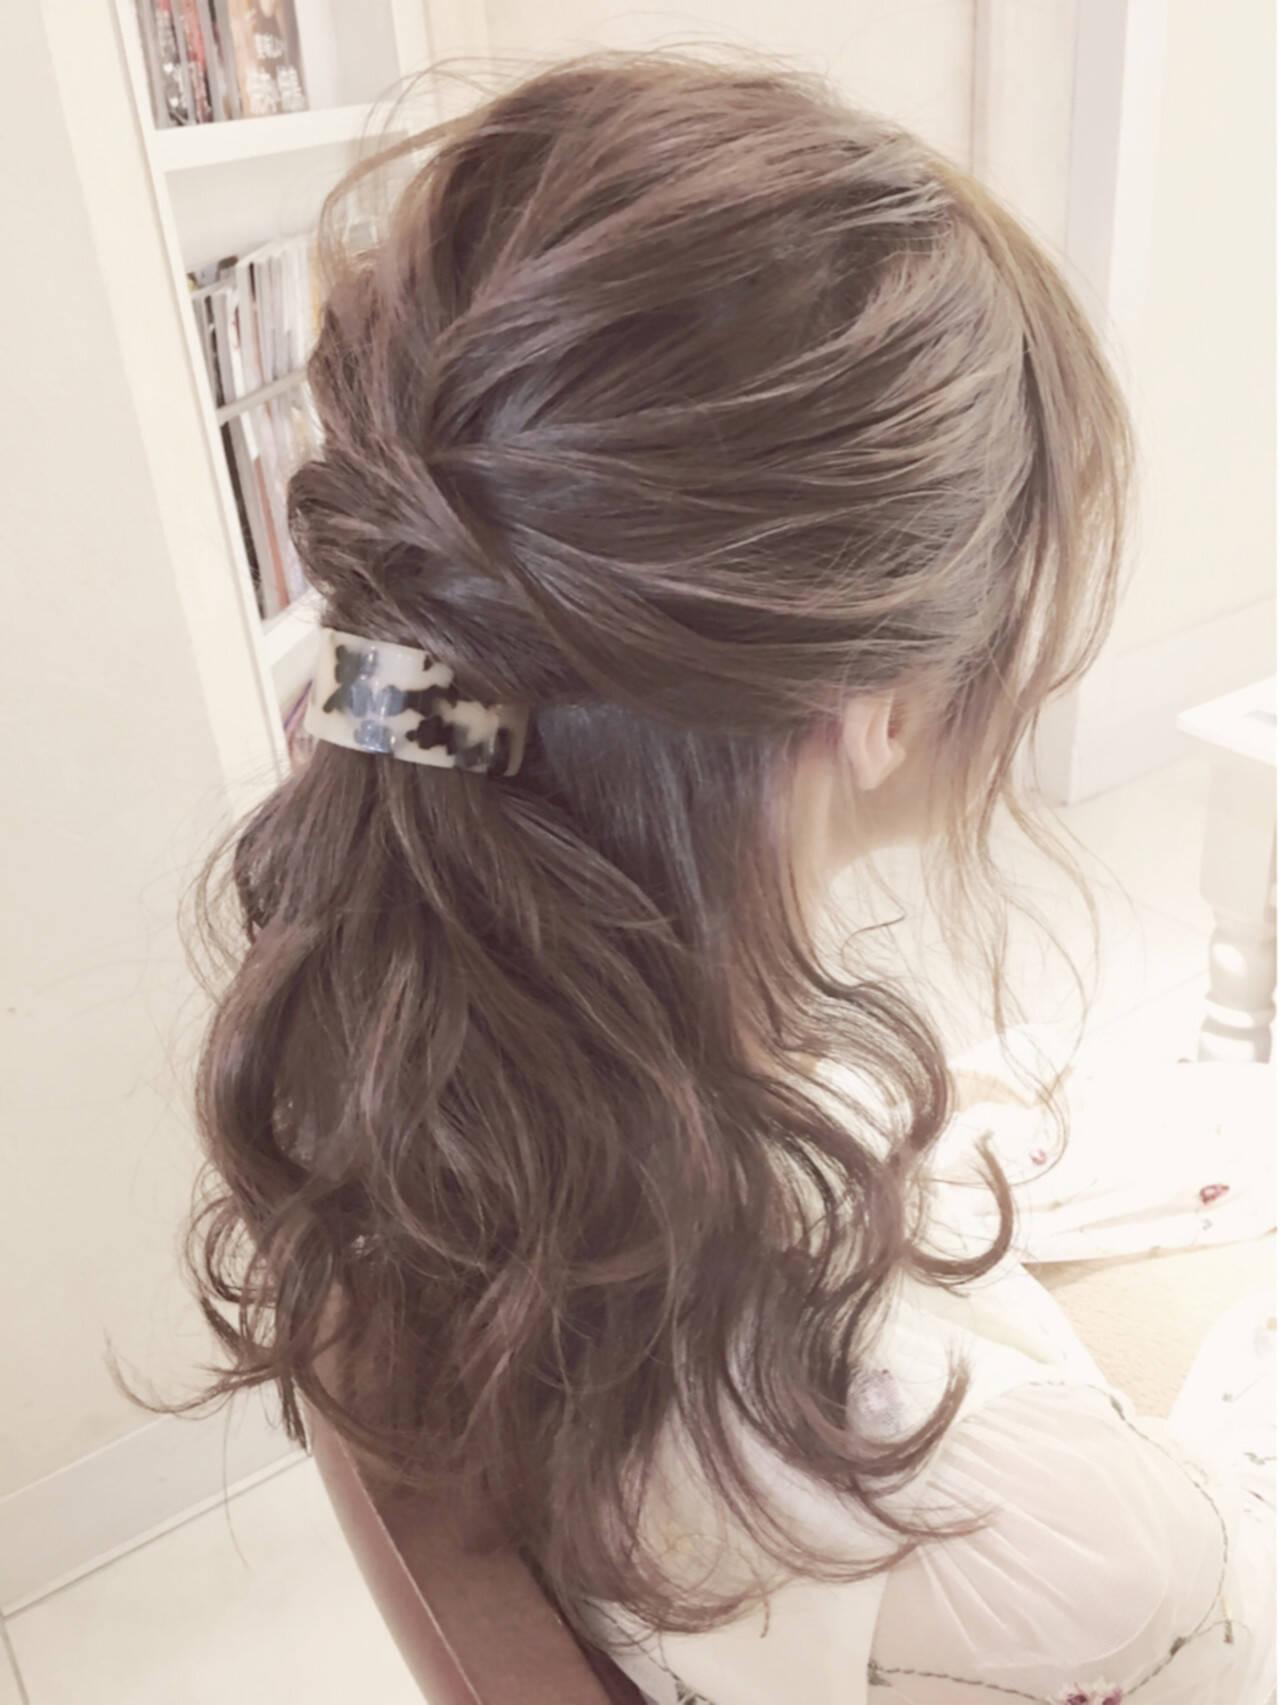 アッシュ フェミニン ハイライト セルフヘアアレンジヘアスタイルや髪型の写真・画像